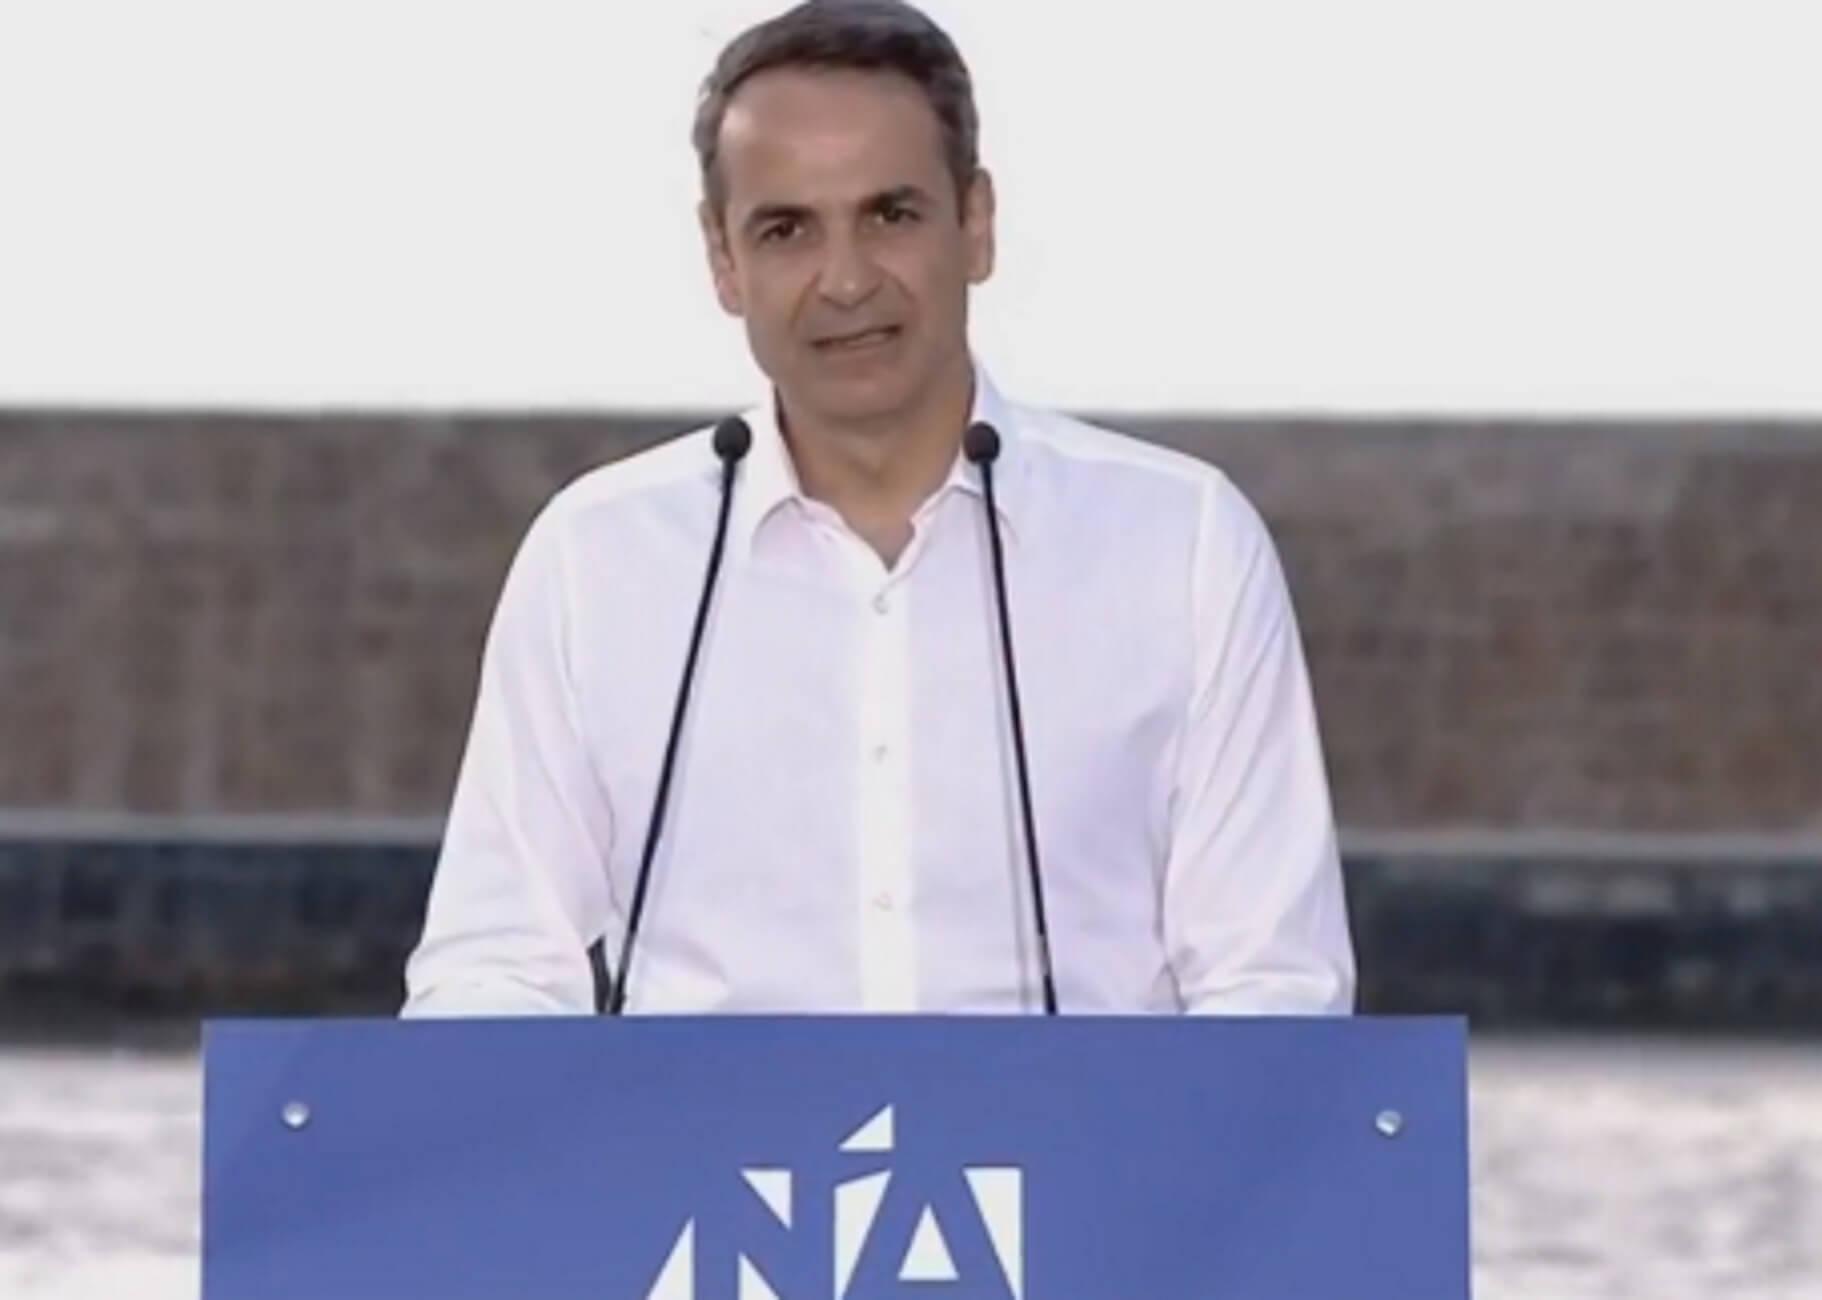 Ευρωεκλογές 2019: Η ομιλία Μητσοτάκη στα Χανιά – video